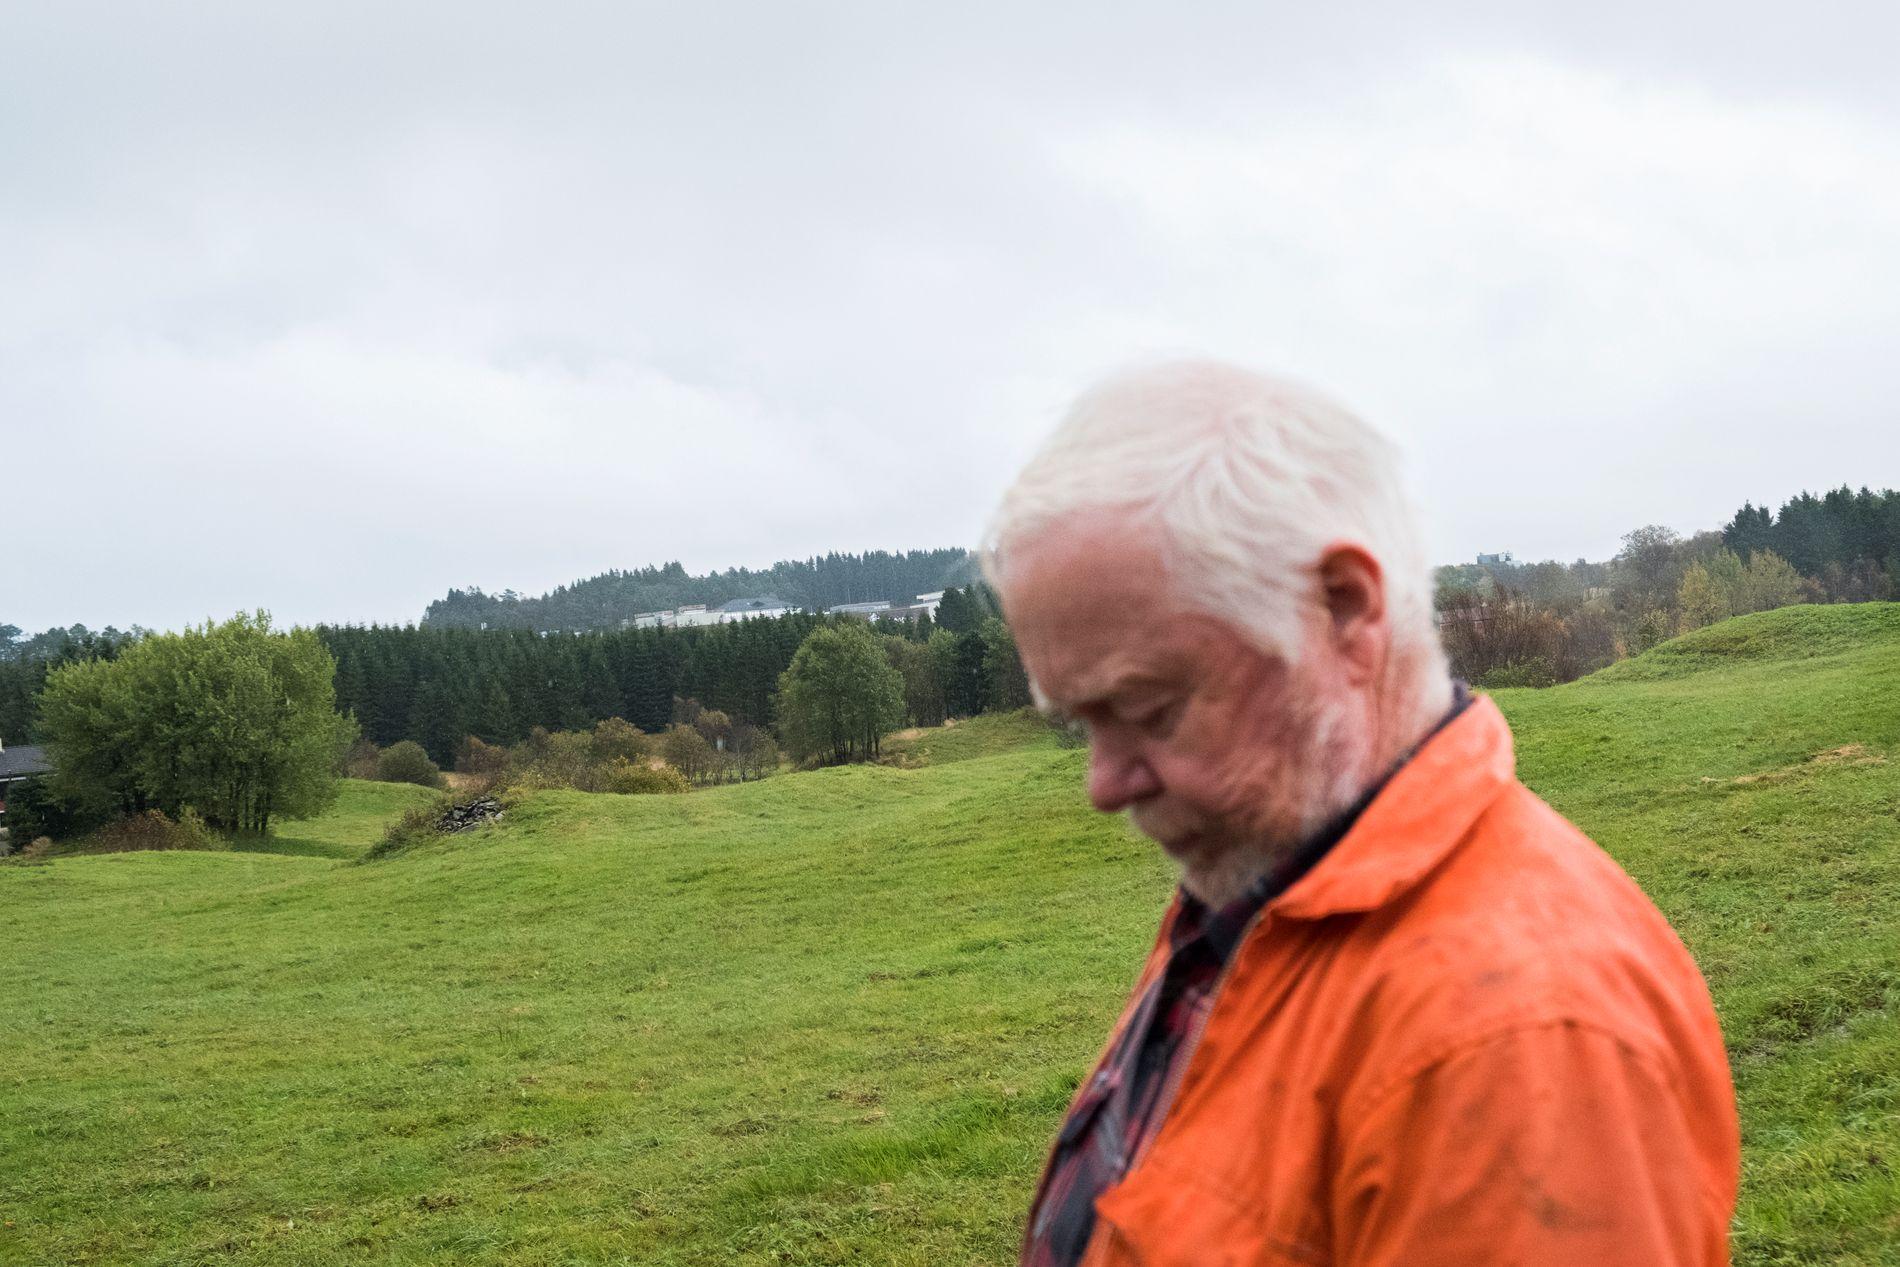 FEIL: Bonde Erling Liland må gi fra seg jordene for at Bergen kommune skal få legge bilforretninger oppå. Det er en feil mener leder i Hordaland Bondelag Kjetil Mehl.